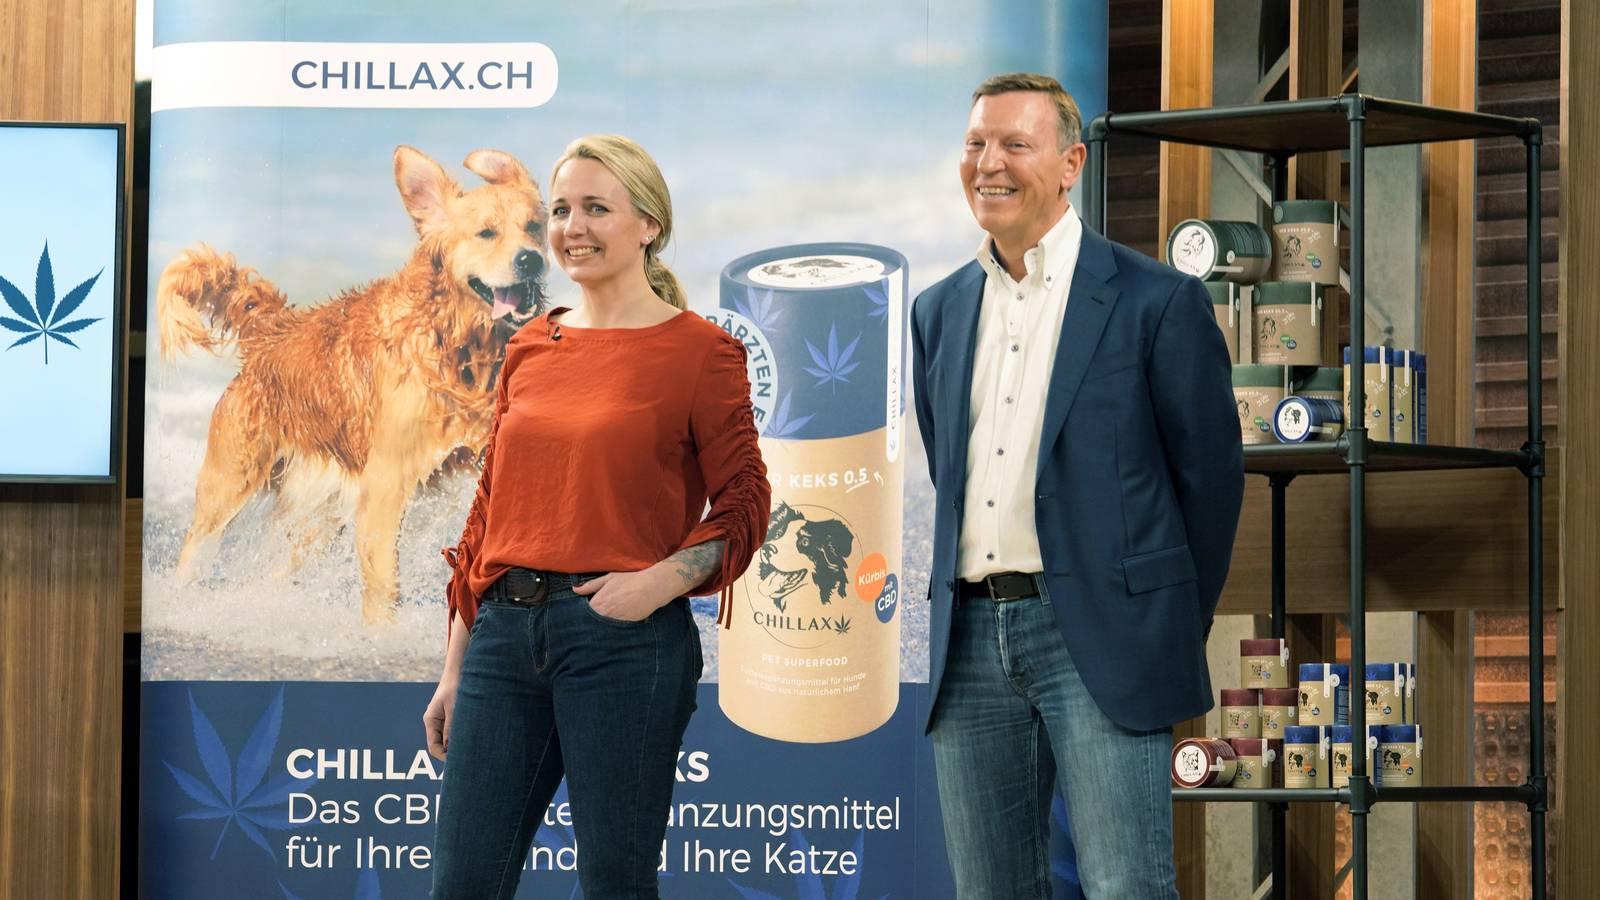 Hoehle_der_Loewen_CHILLAX (7)